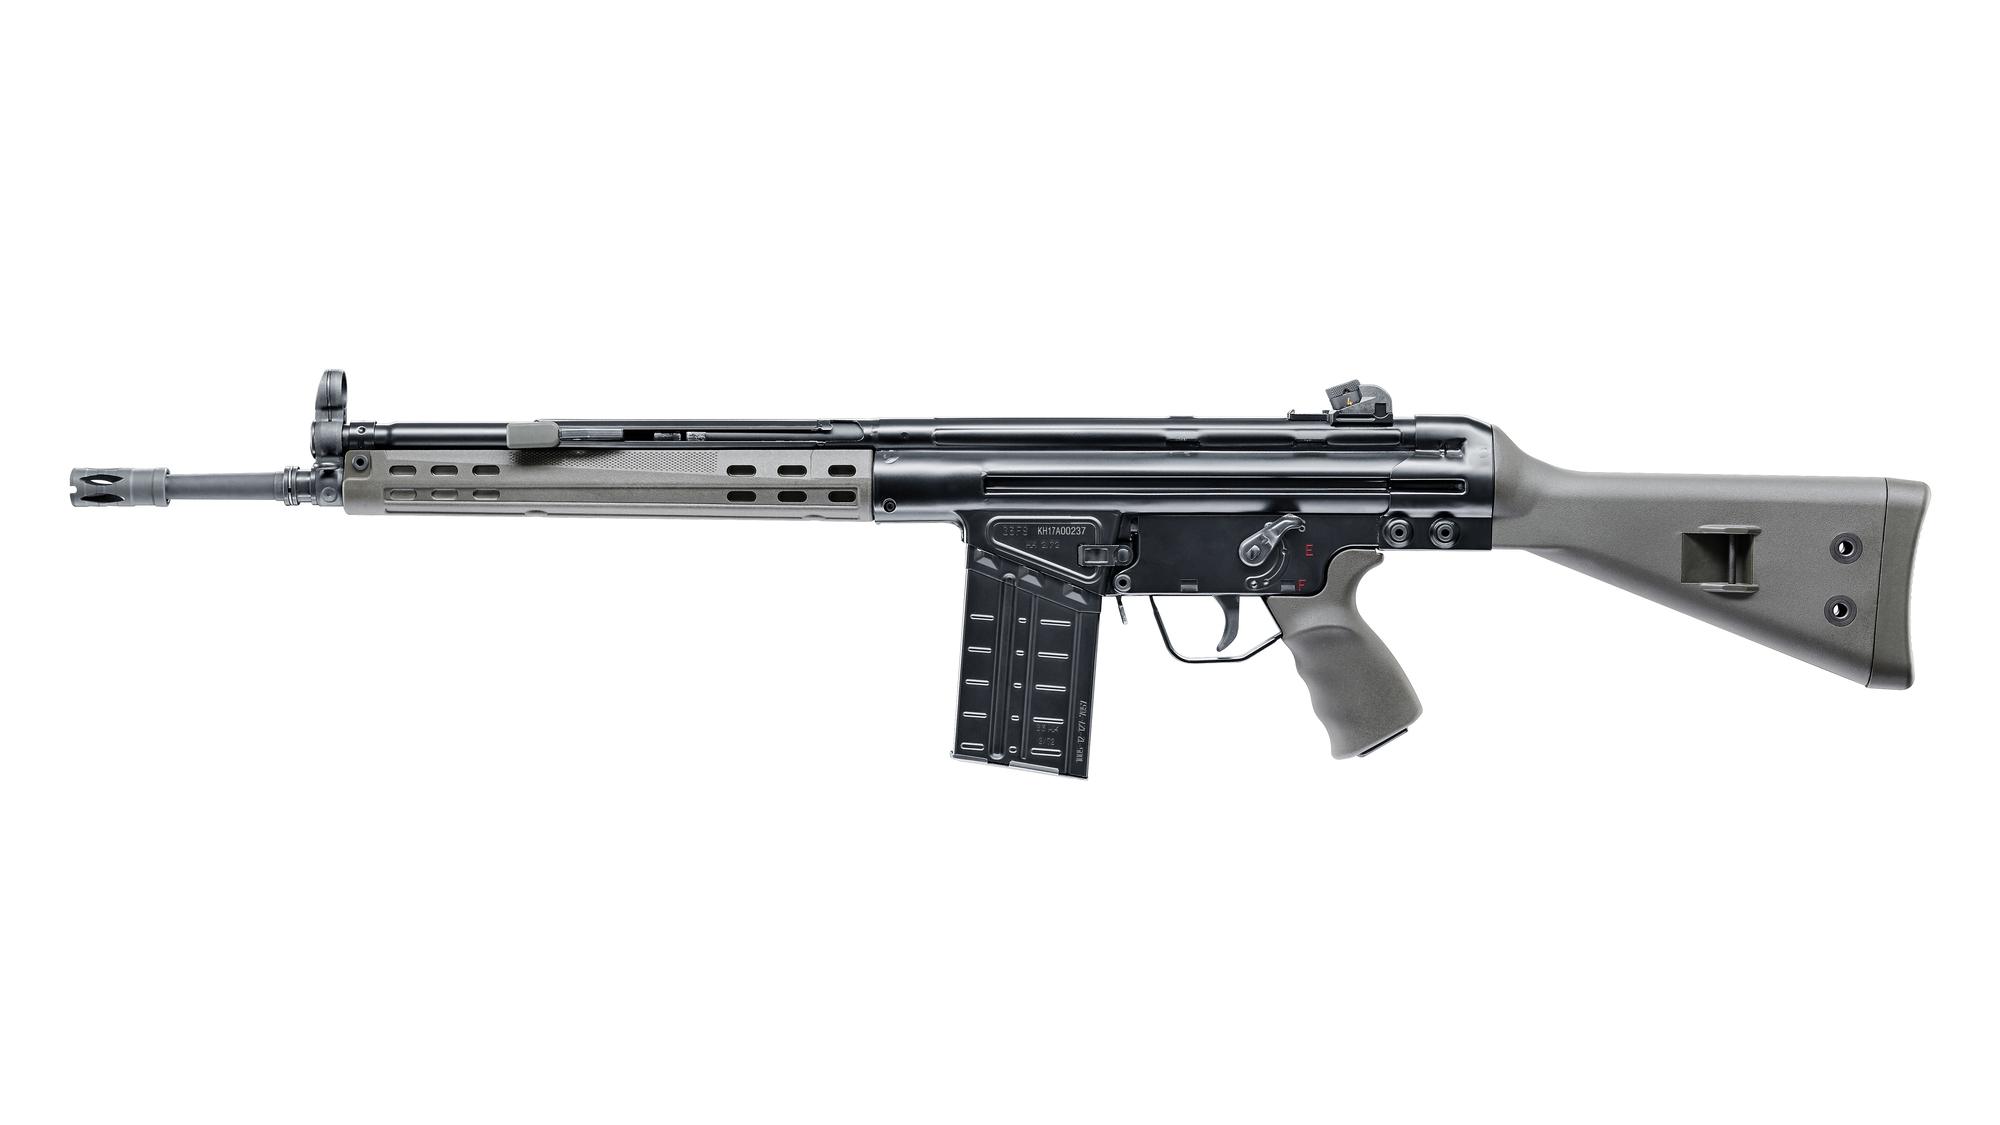 Hecker & Koch G3 Sturmgewehr Airsoftgewehr GBB